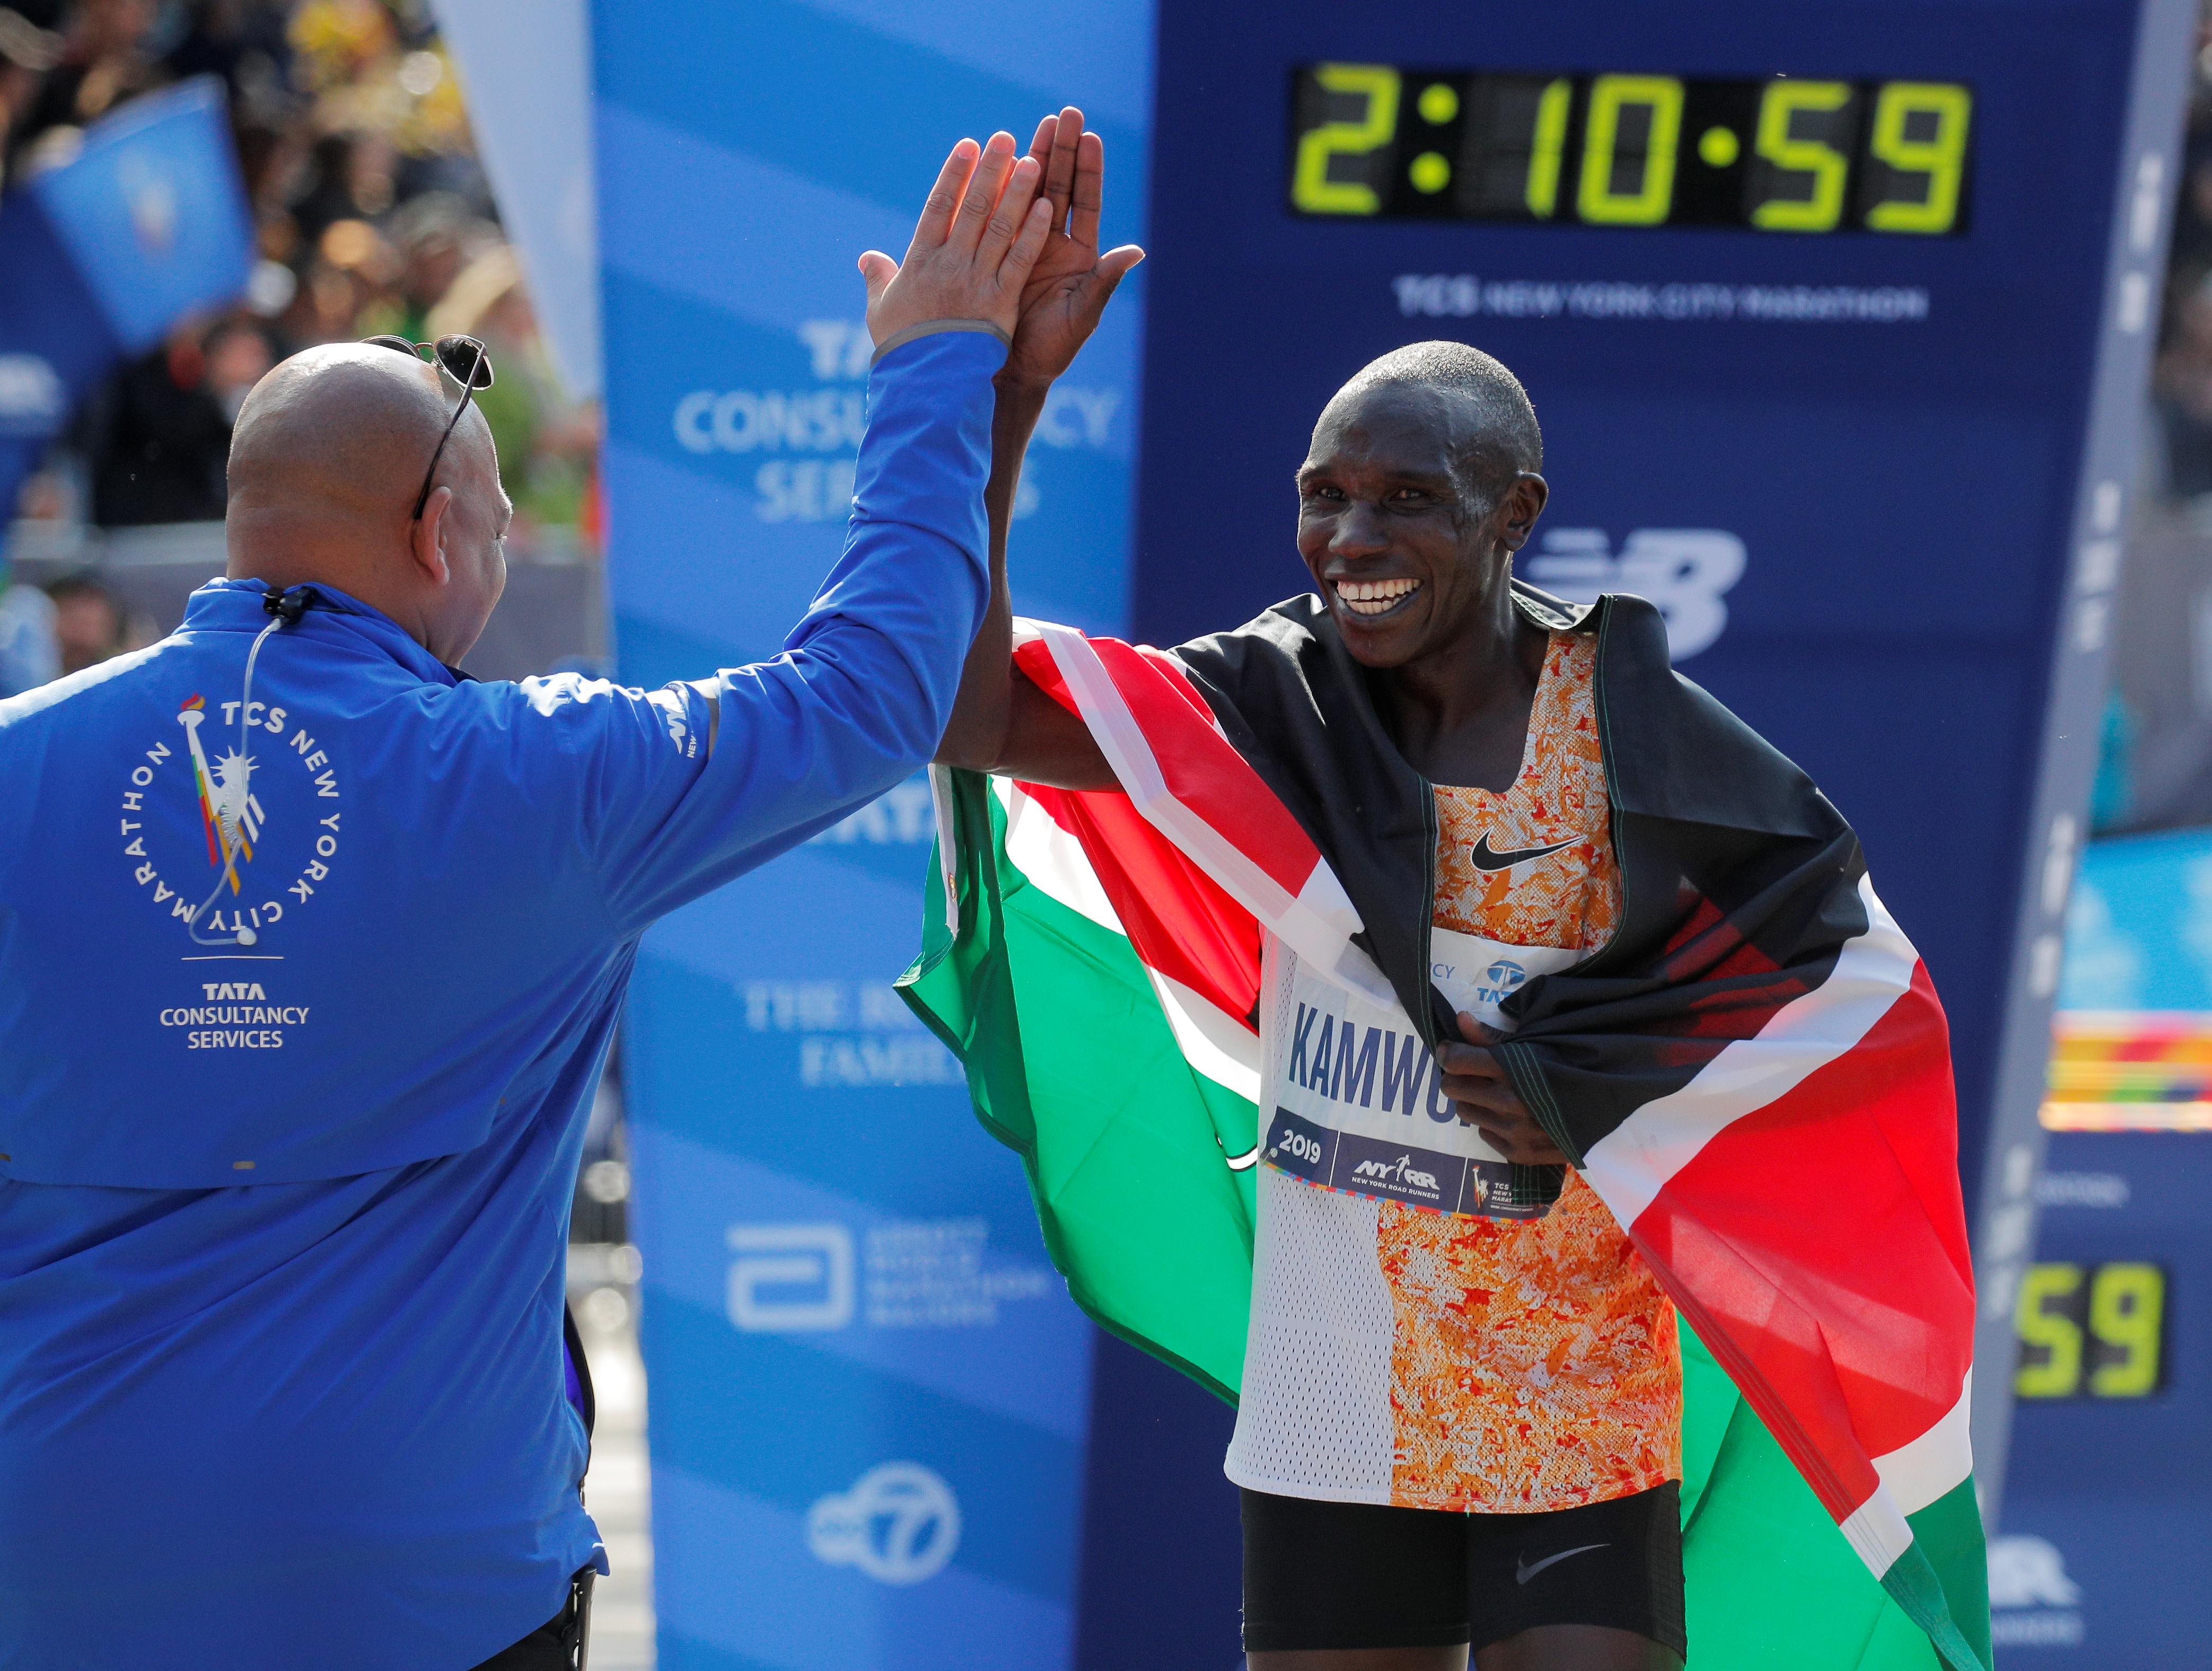 El keniano de 26 años se consagró como el mejor por segunda vez en los últimos tres años